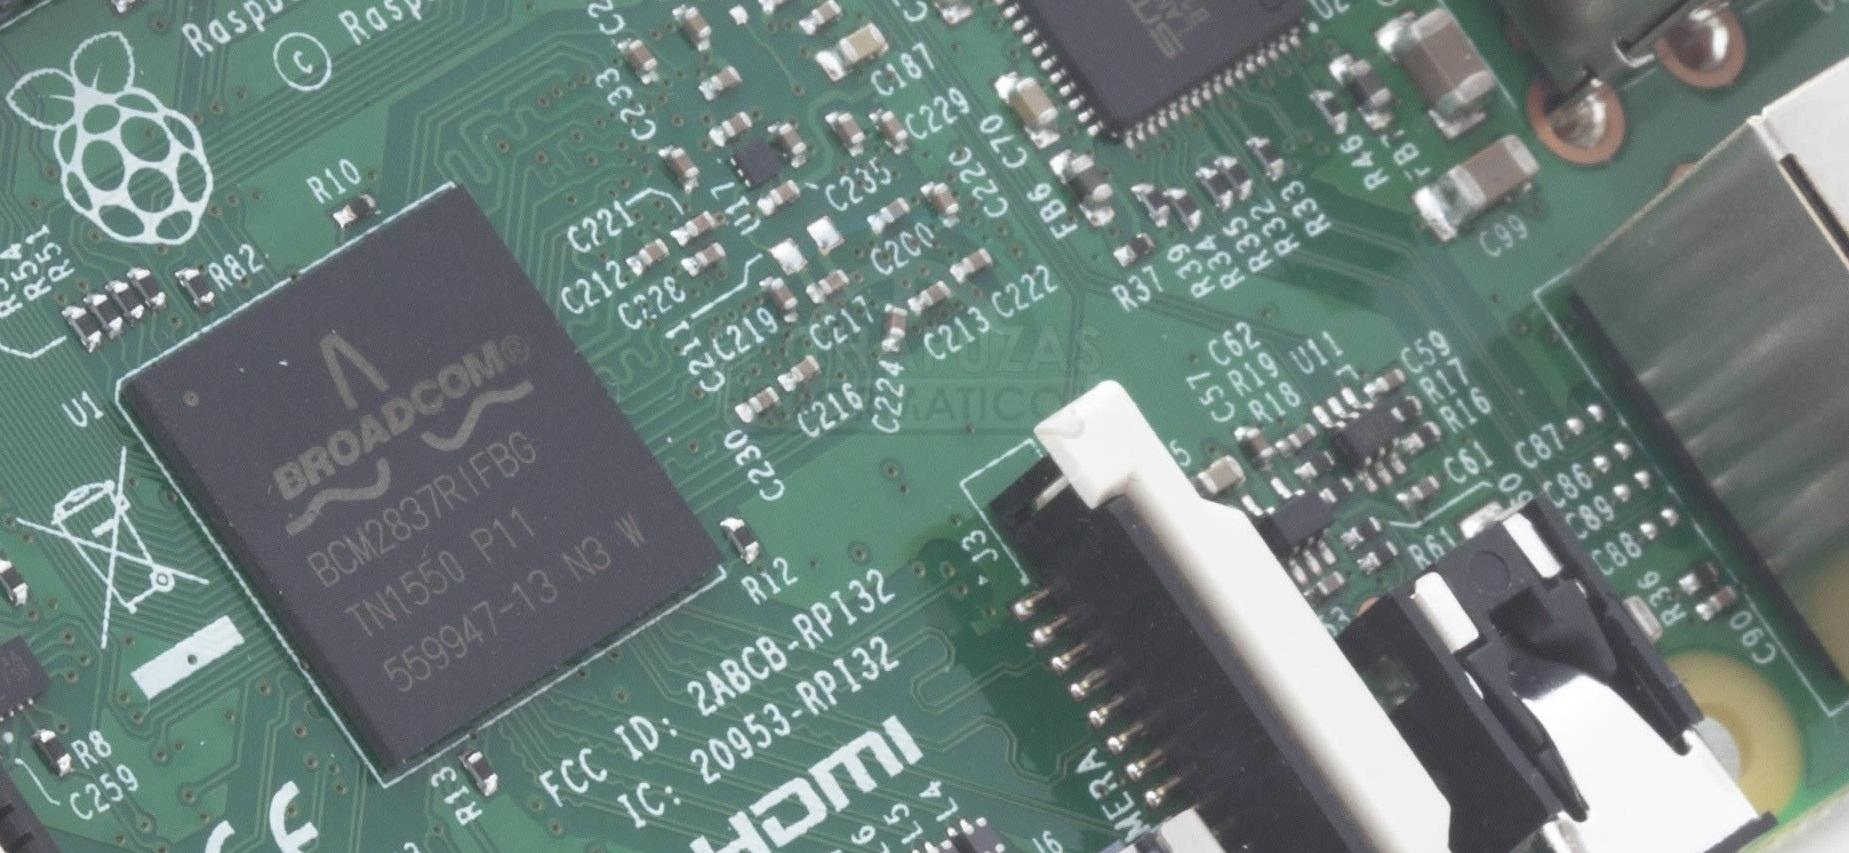 La Raspberry Pi 3 se estrena con conectividad inalámbrica